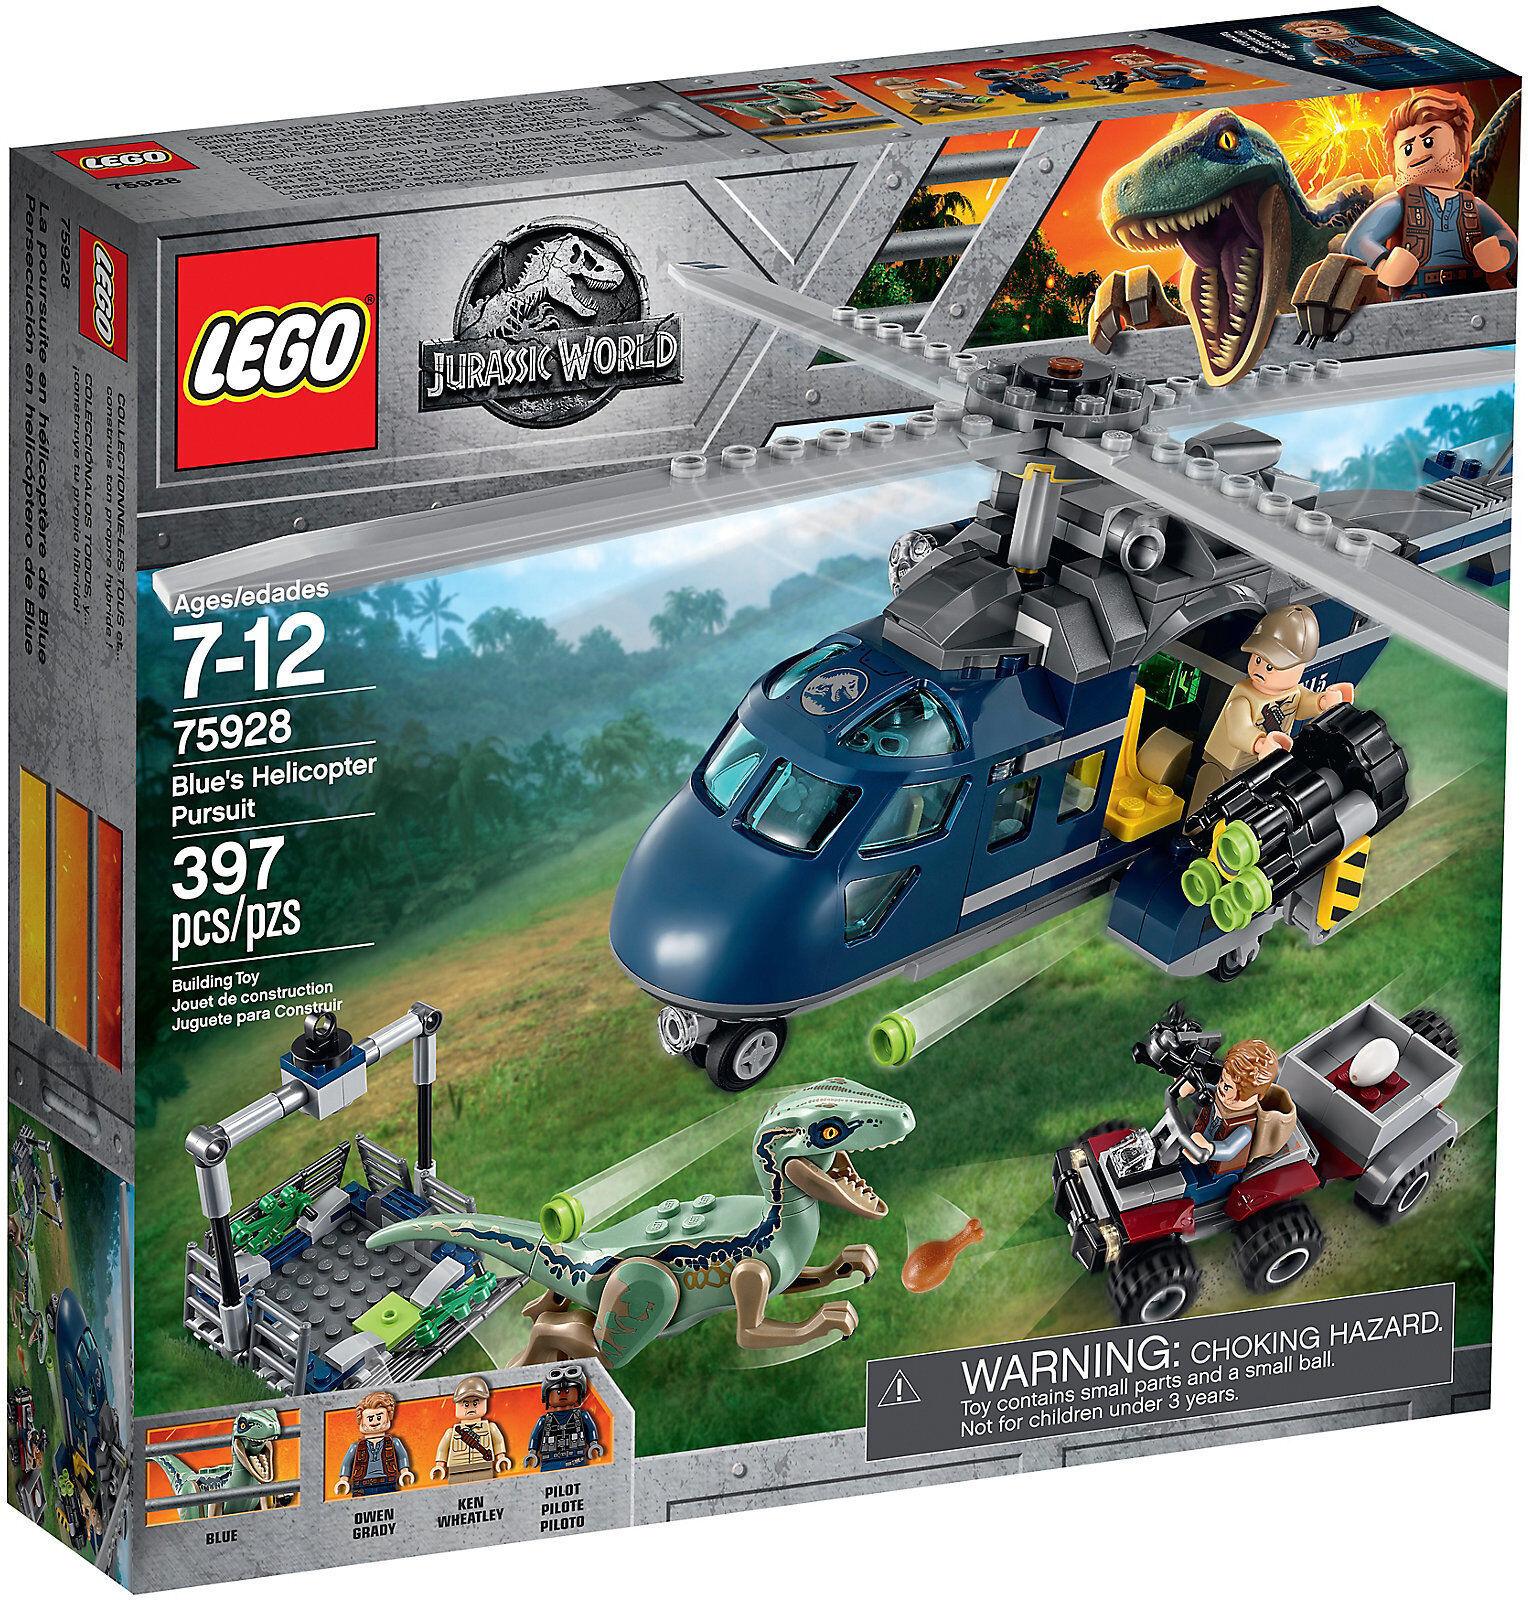 Lego Jurassic World 75928 Inseguimento sull'elicottero di blu Owen Wheatley